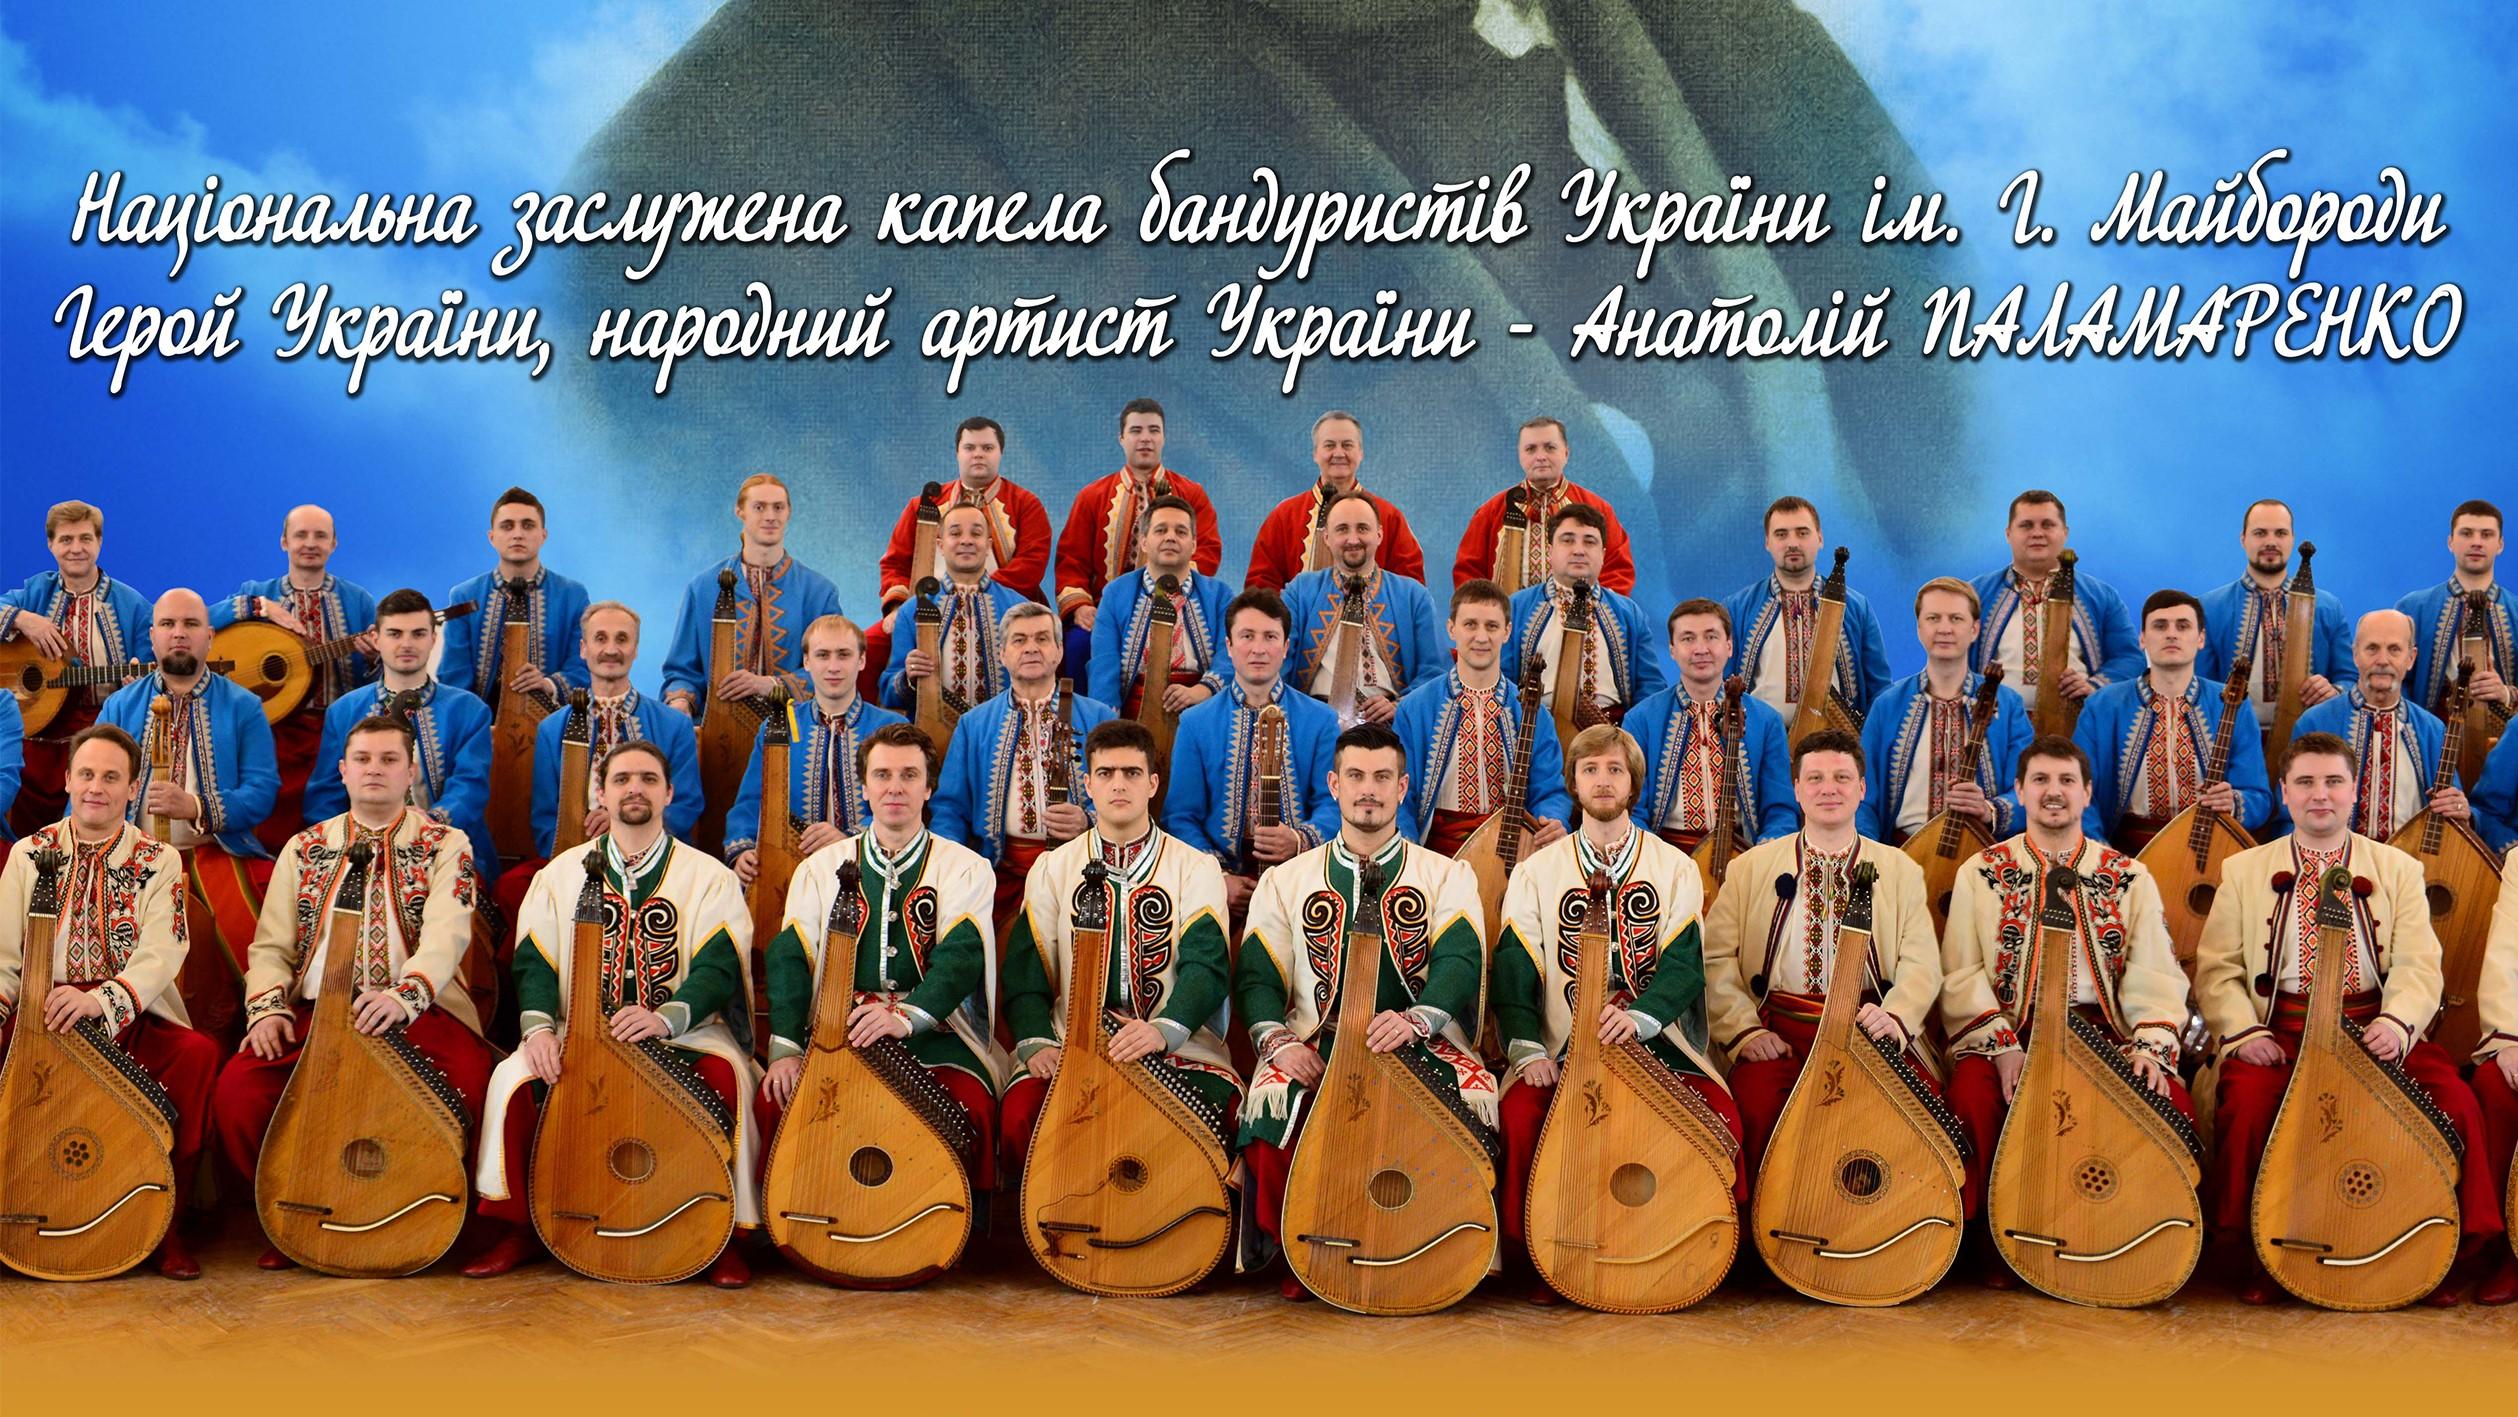 АНОНС. 10 березня з концертною програмою до Дрогобича завітає Національна заслужена капела бандуристів України ім. Г. Майбороди